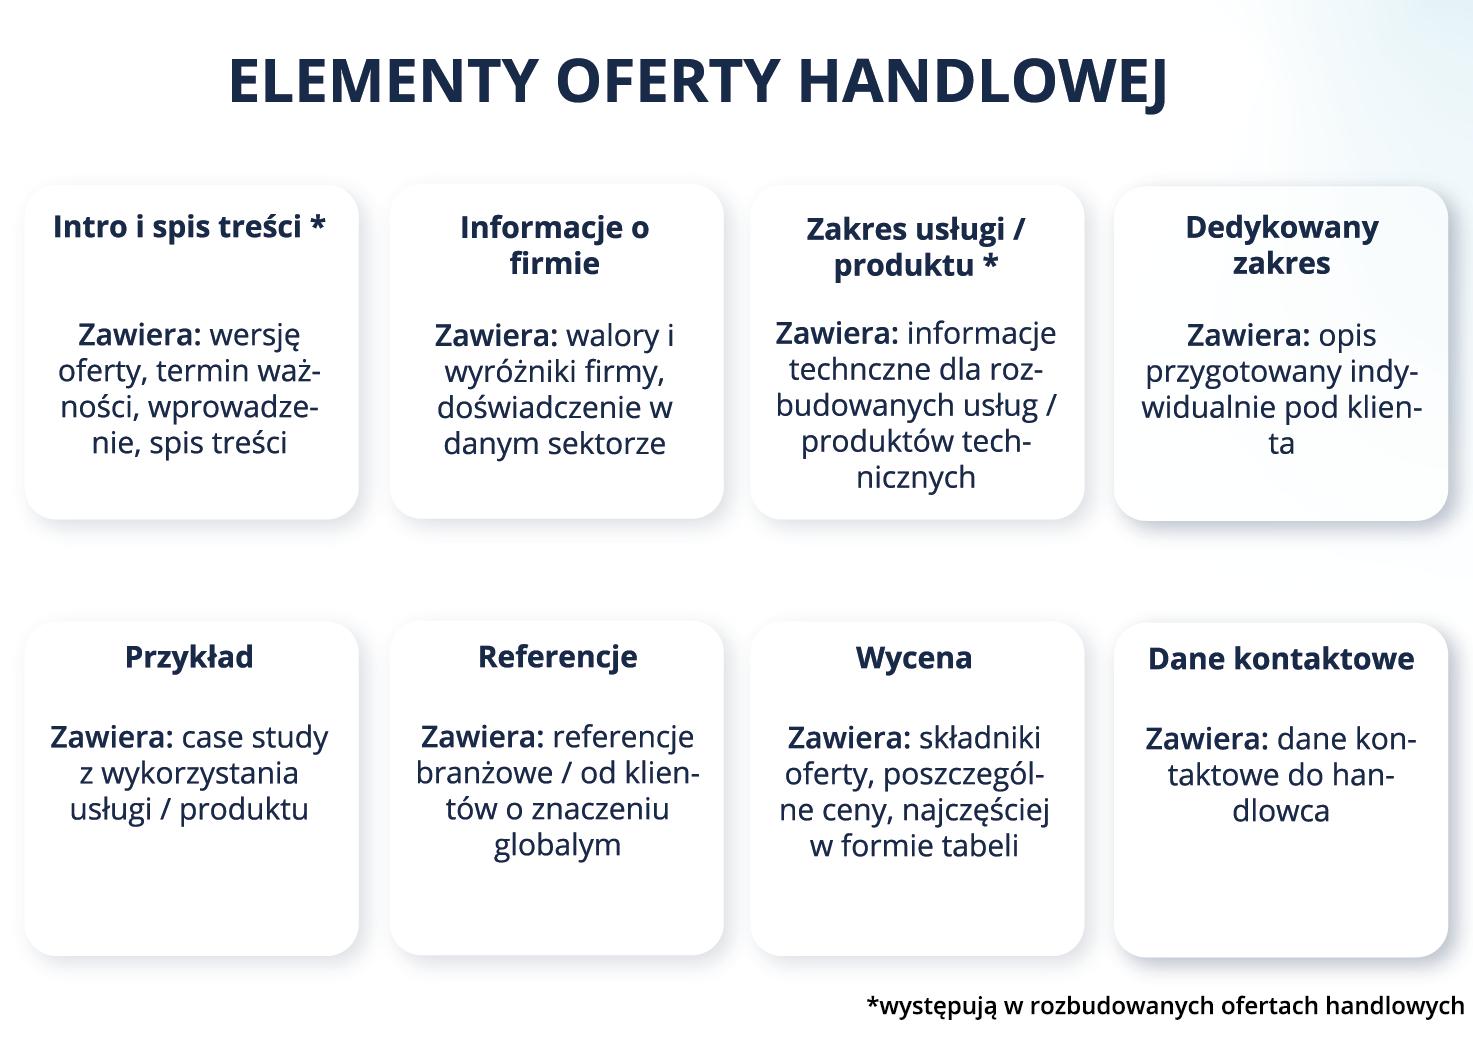 Elementy oferty handlowej